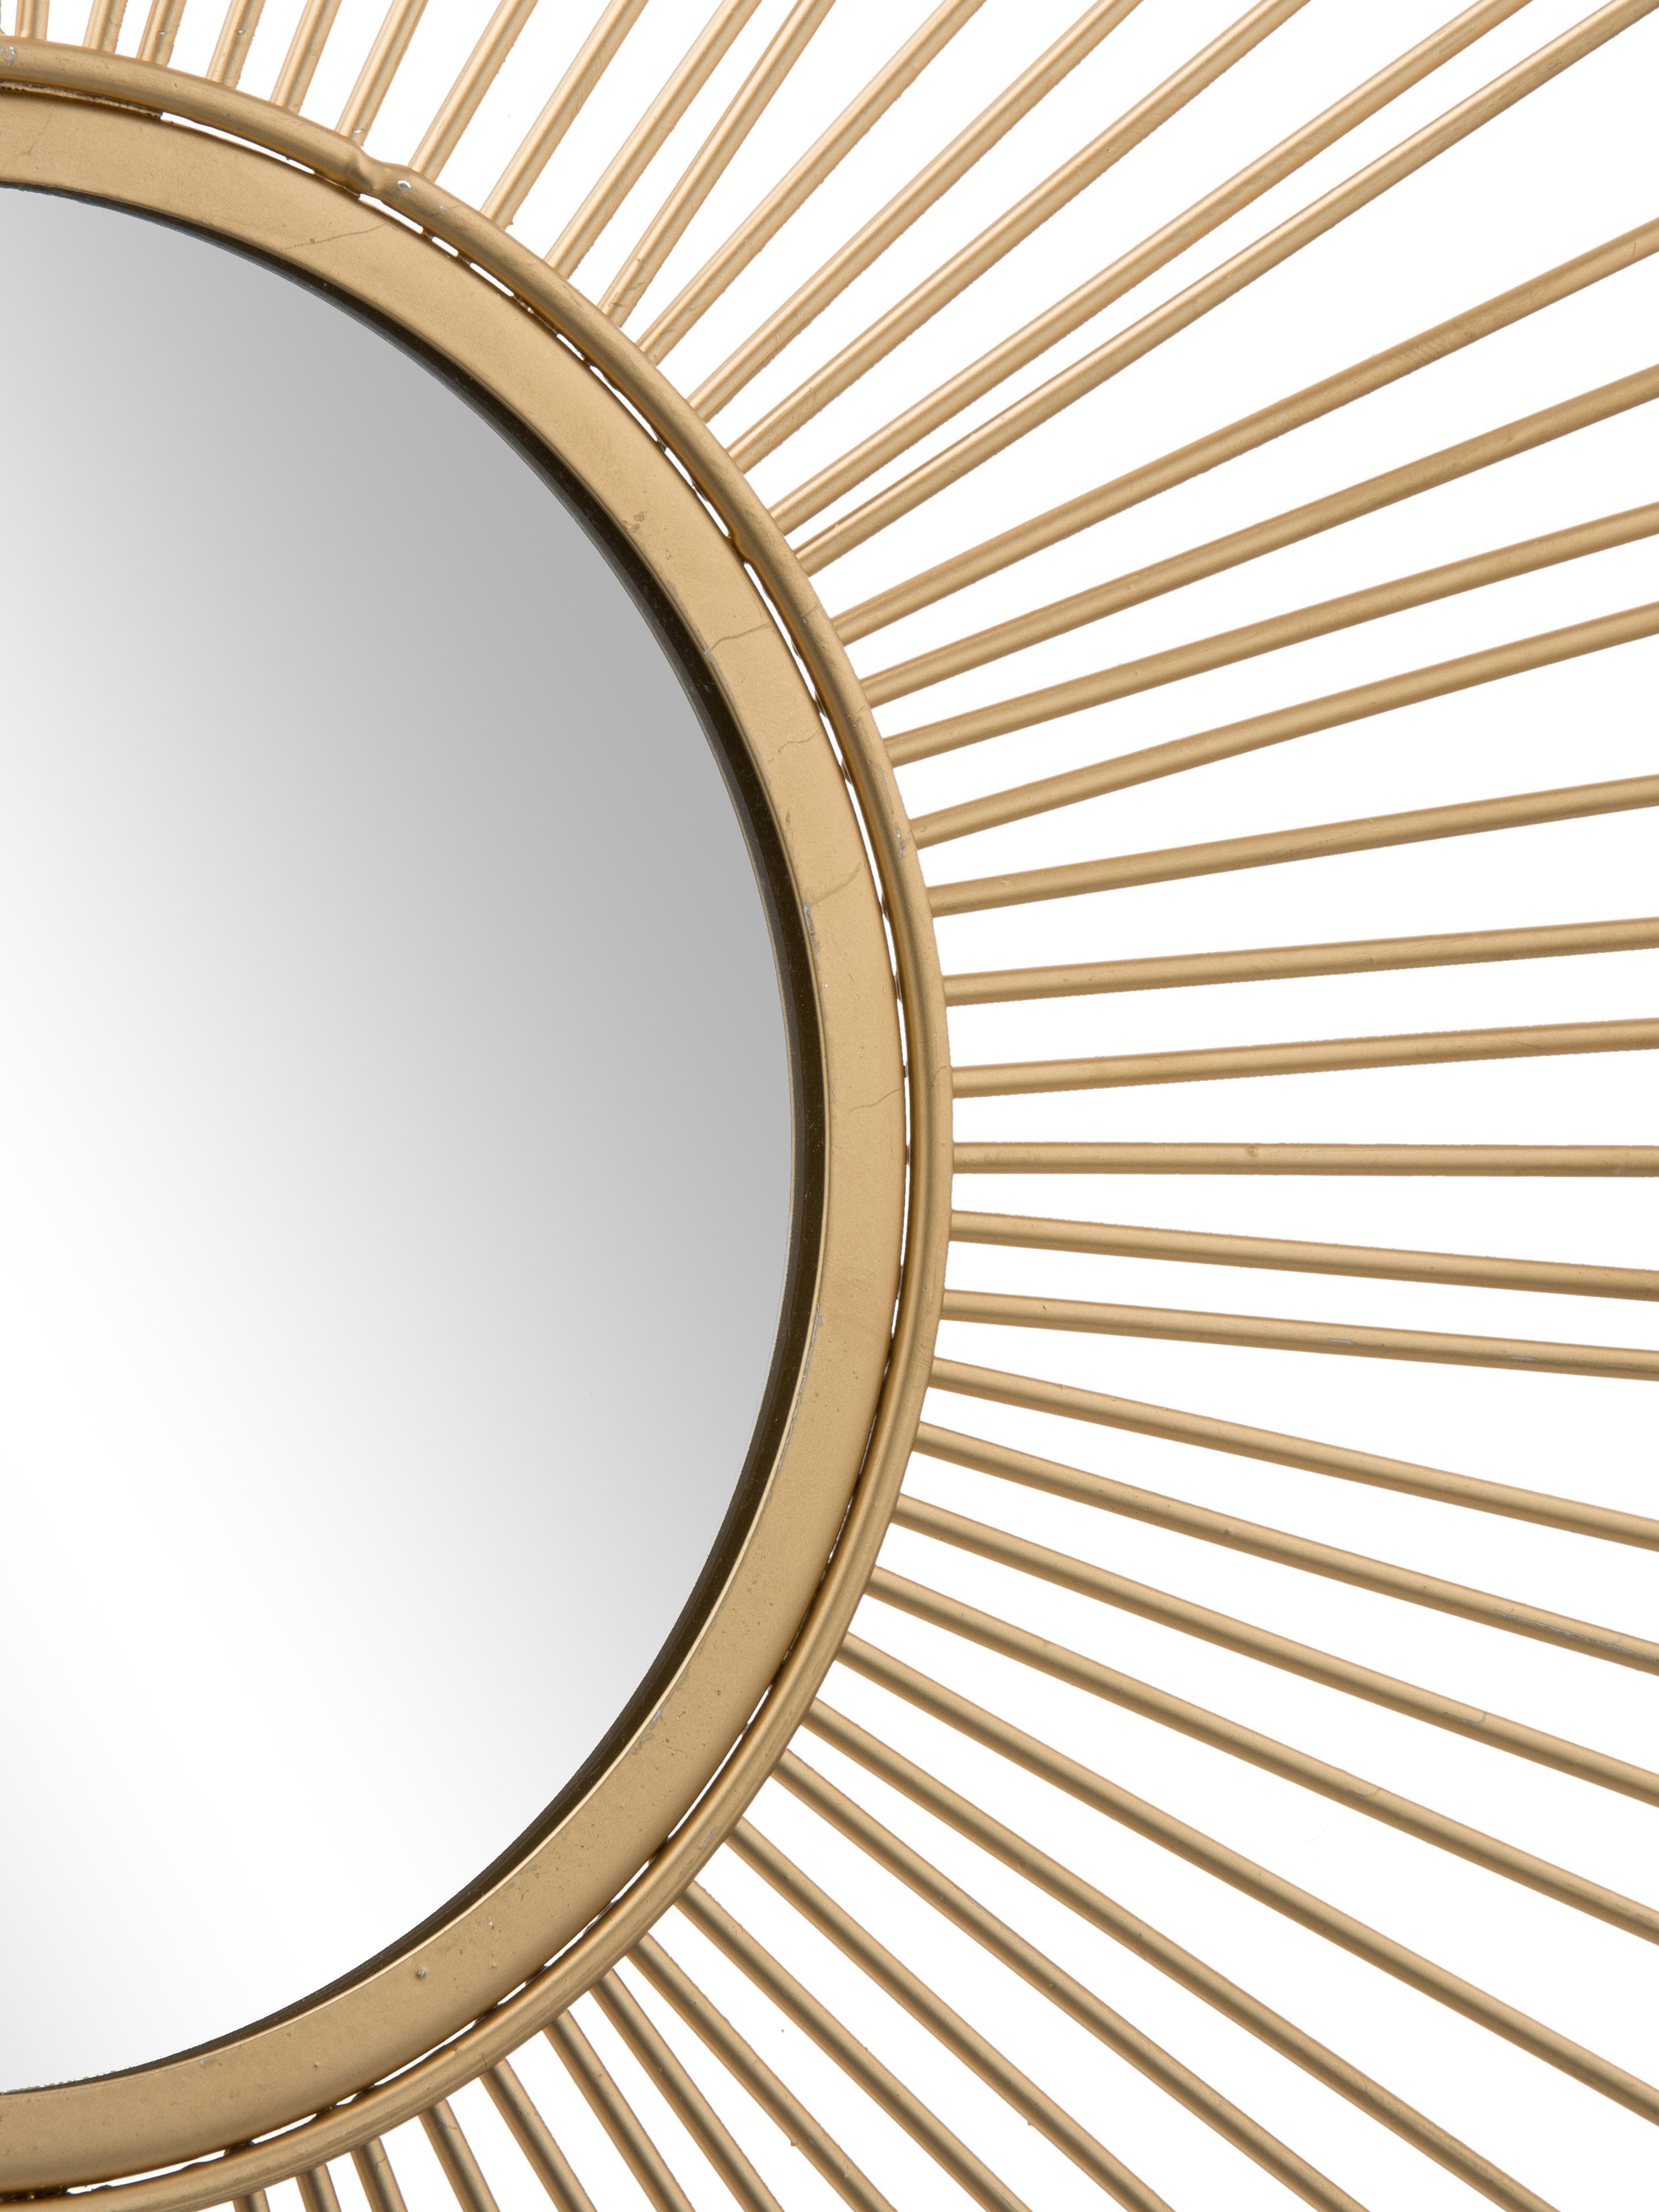 Specchio solare in oro Brooklyn, Cornice: metallo, Superficie dello specchio: lastra di vetro, Cornice: dorato Superficie dello specchio: lastra di vetro, Ø 50 cm